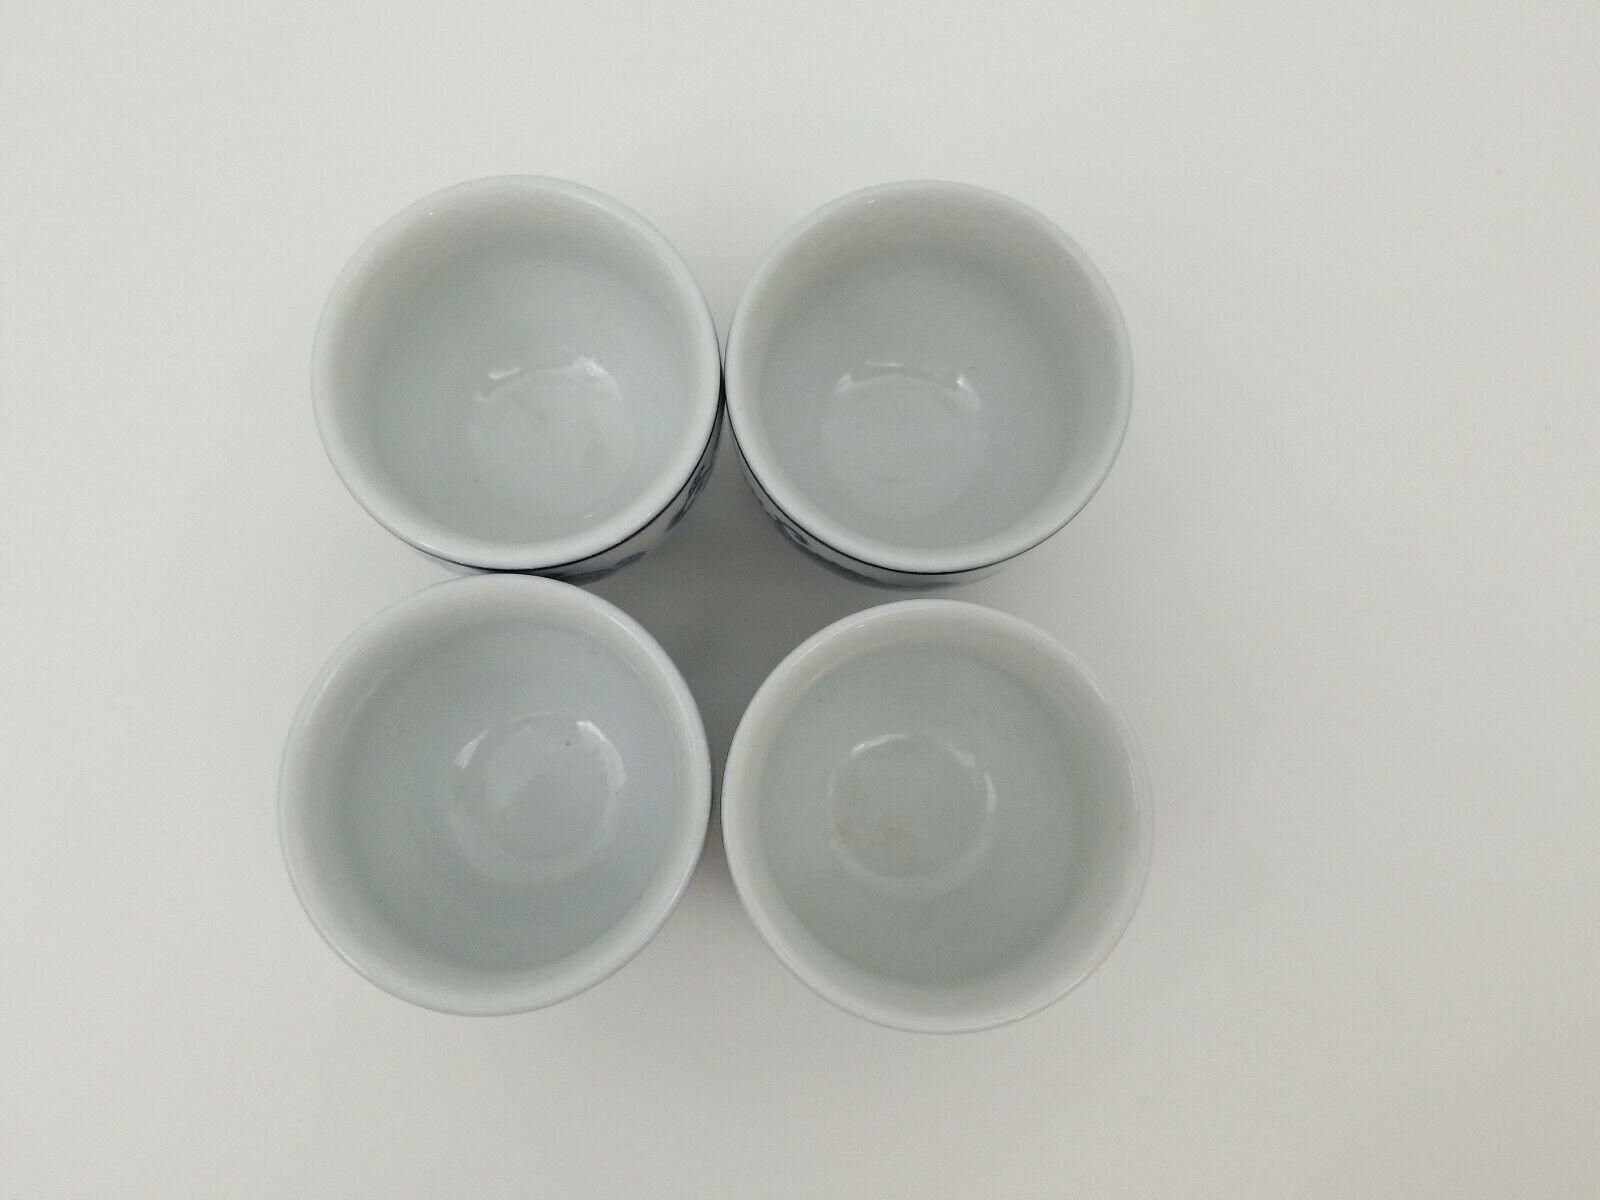 Pier 1 Imports Porcelain Tea Cups Sake Set of 4 White Blue Floral Dish Safe image 9